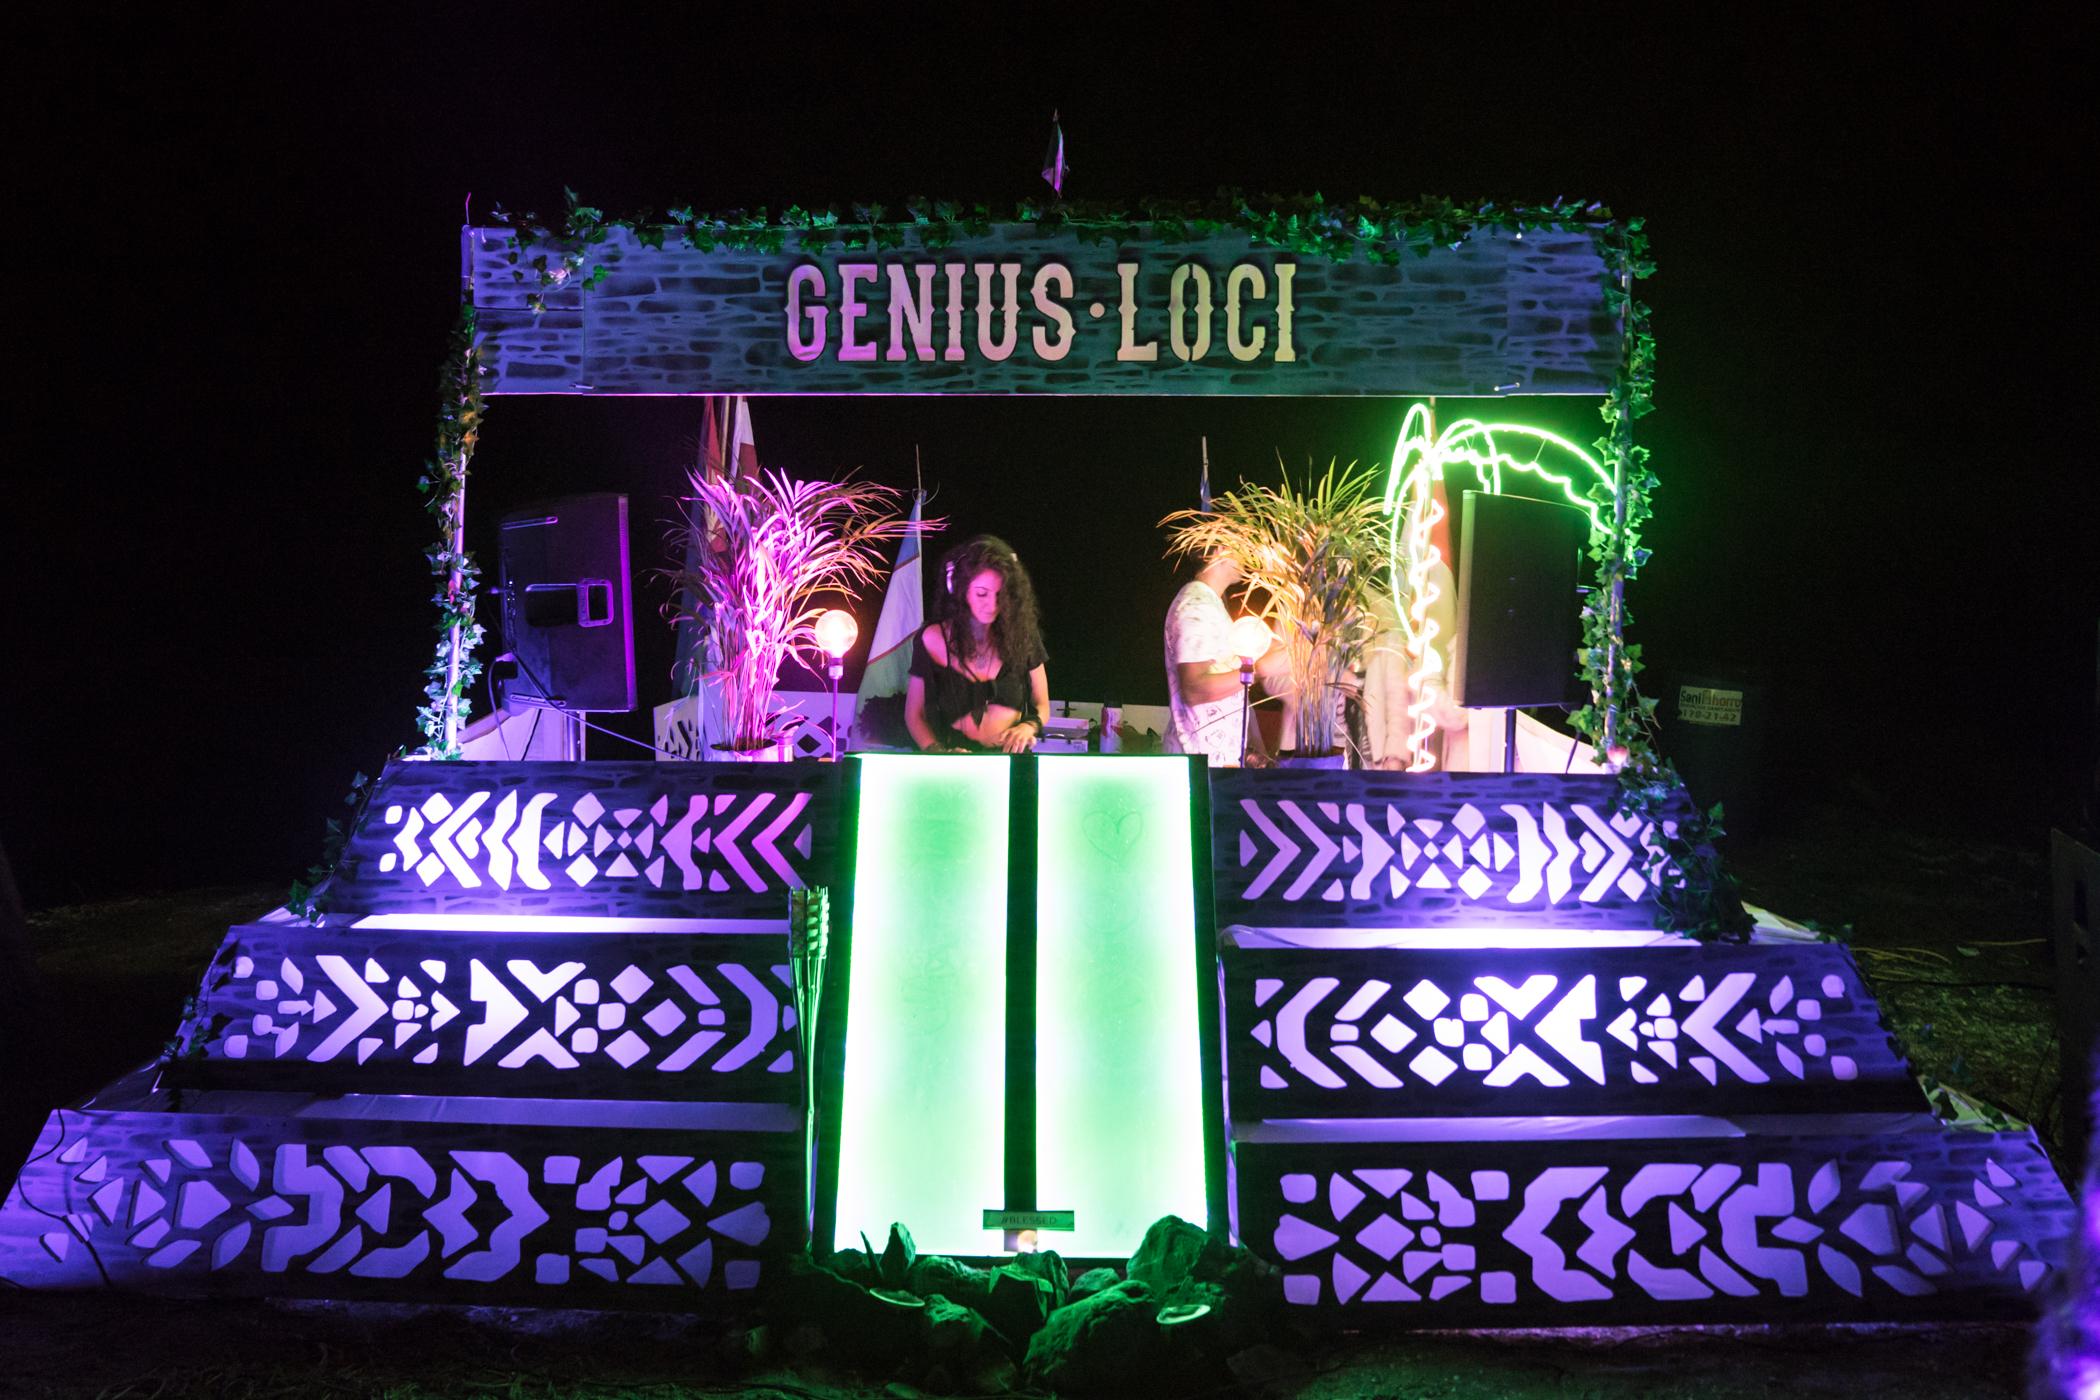 GeniusLoci-41.jpg